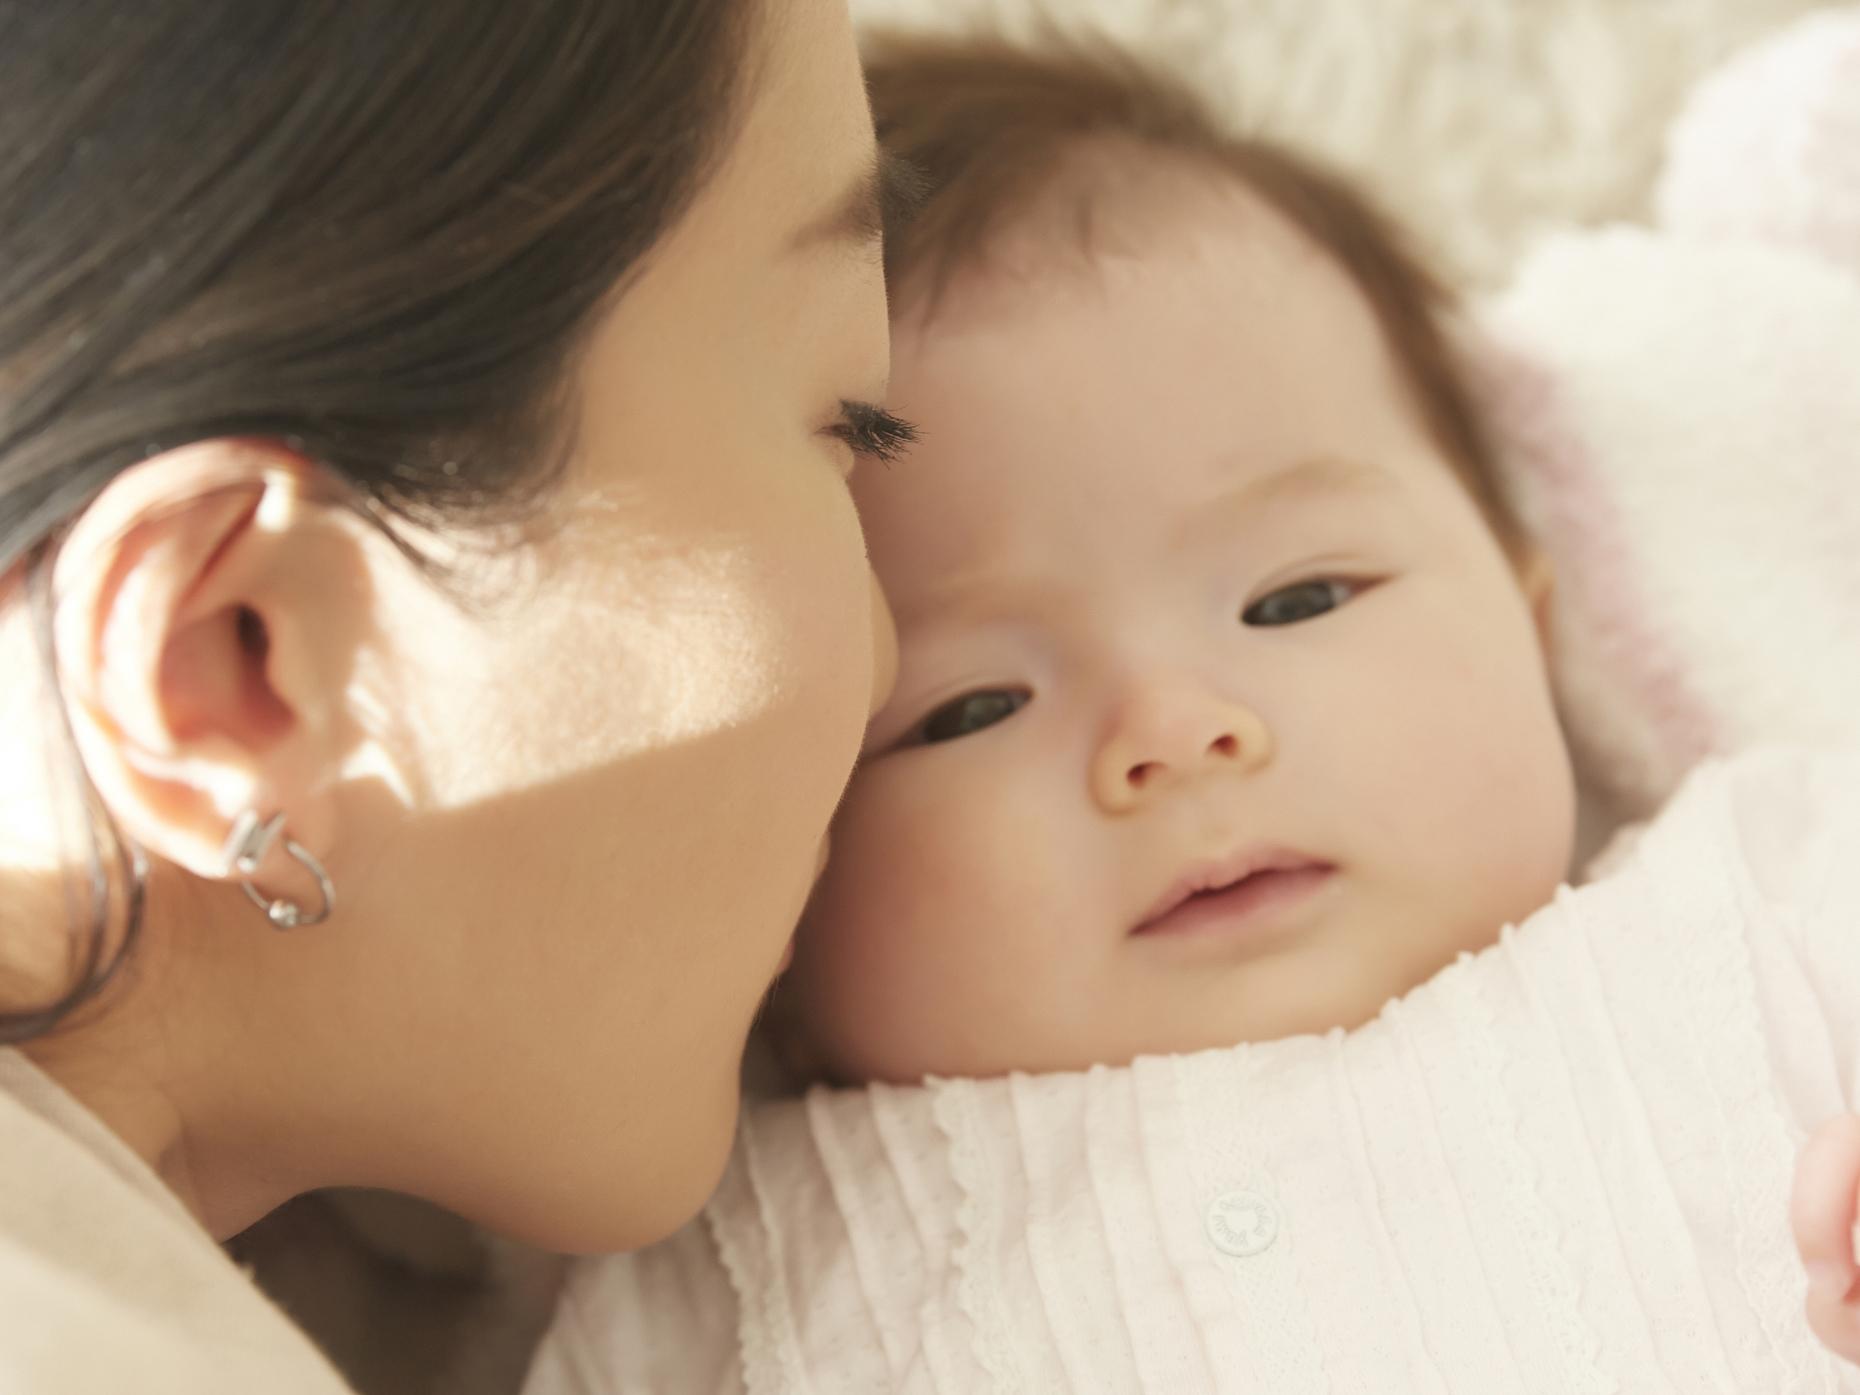 ない 新生児 泣き 止ま